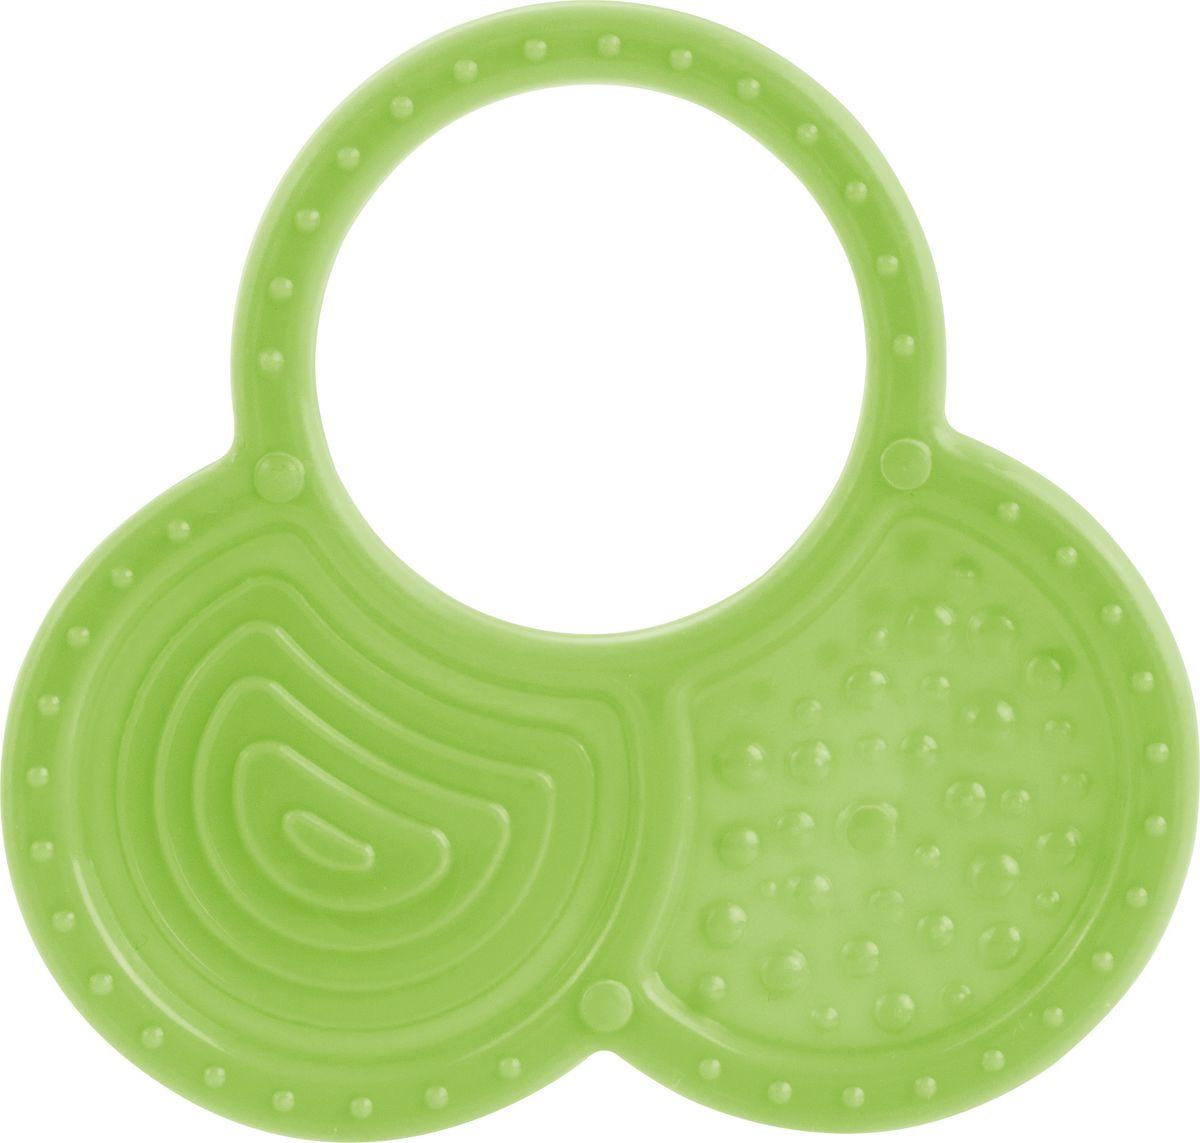 Canpol Babies Прорезыватель Орешки цвет зеленый